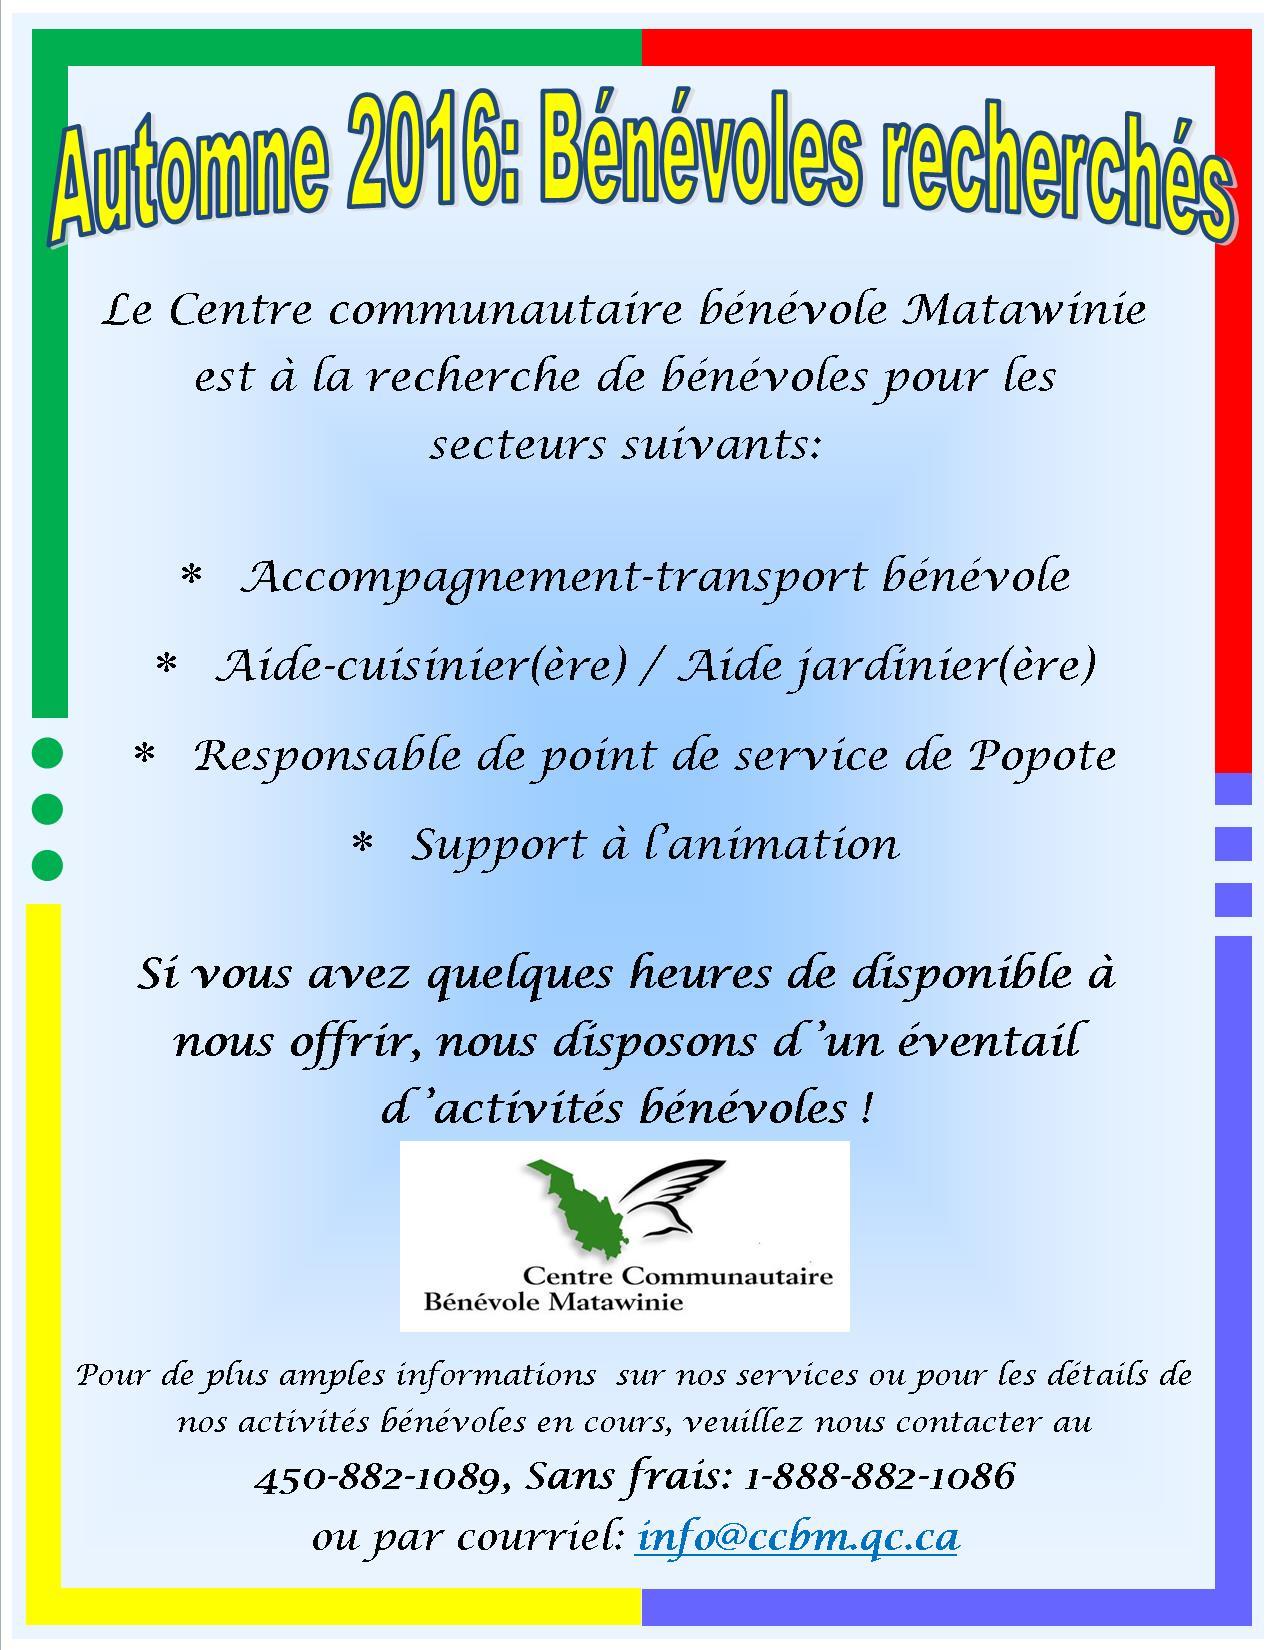 Affiche Bénévoles recherchés KB 11-08-2016